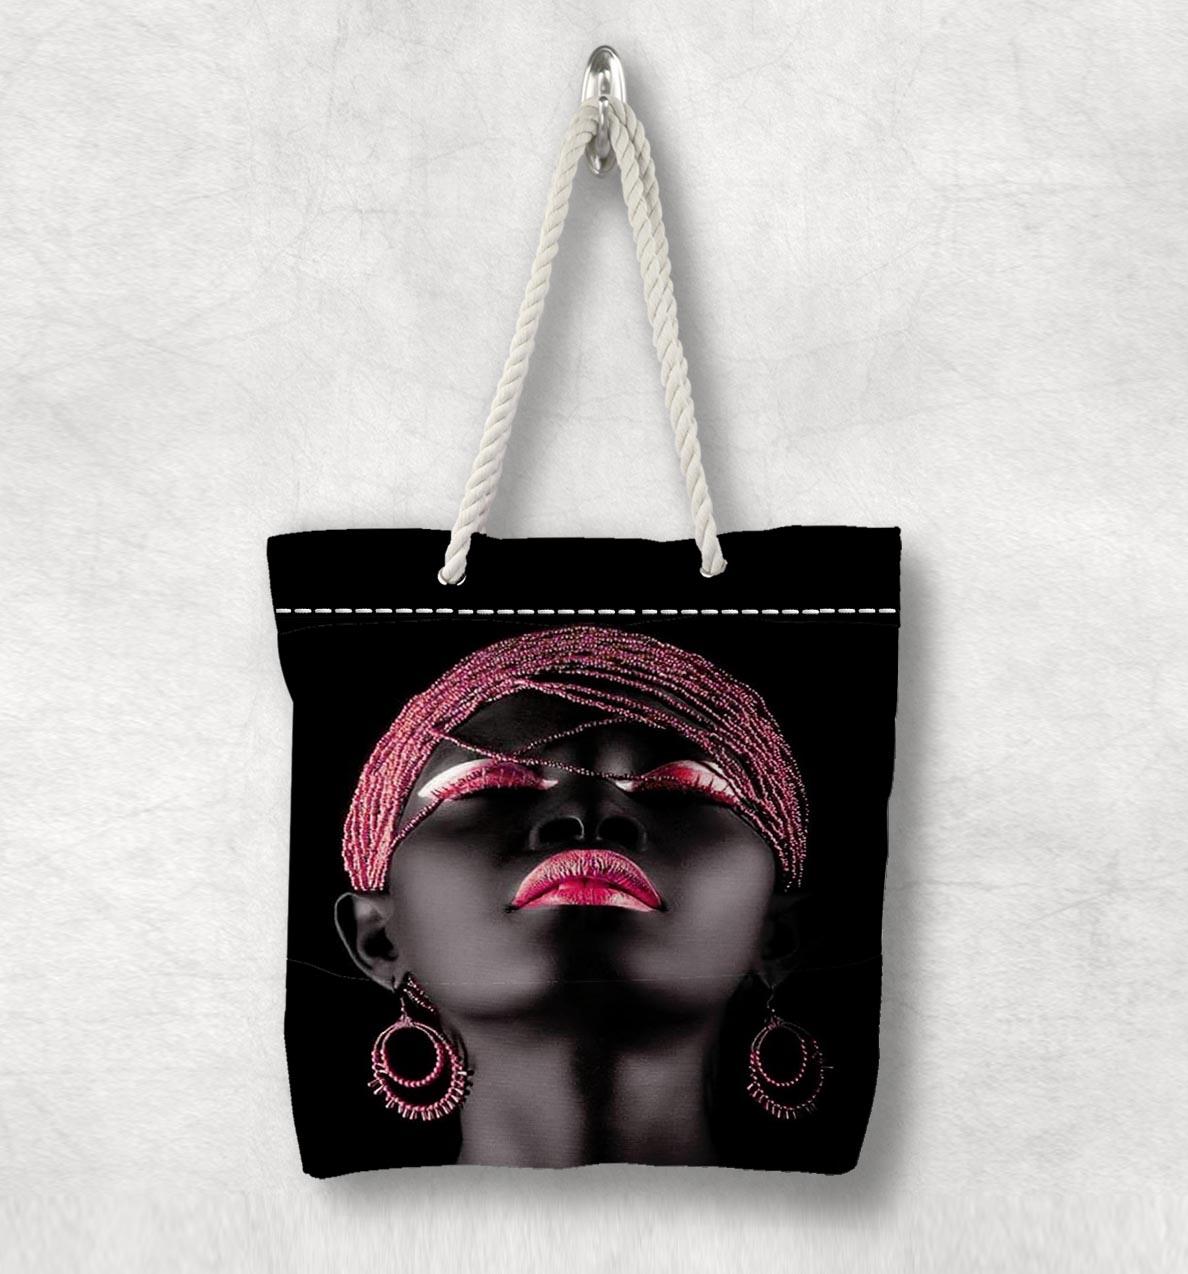 다른 흑인 소녀 핑크 헤어 입술 새로운 패션 화이트 로프 핸들 캔버스 가방 코튼 캔버스 지퍼가 달린 토트 백 숄더 백